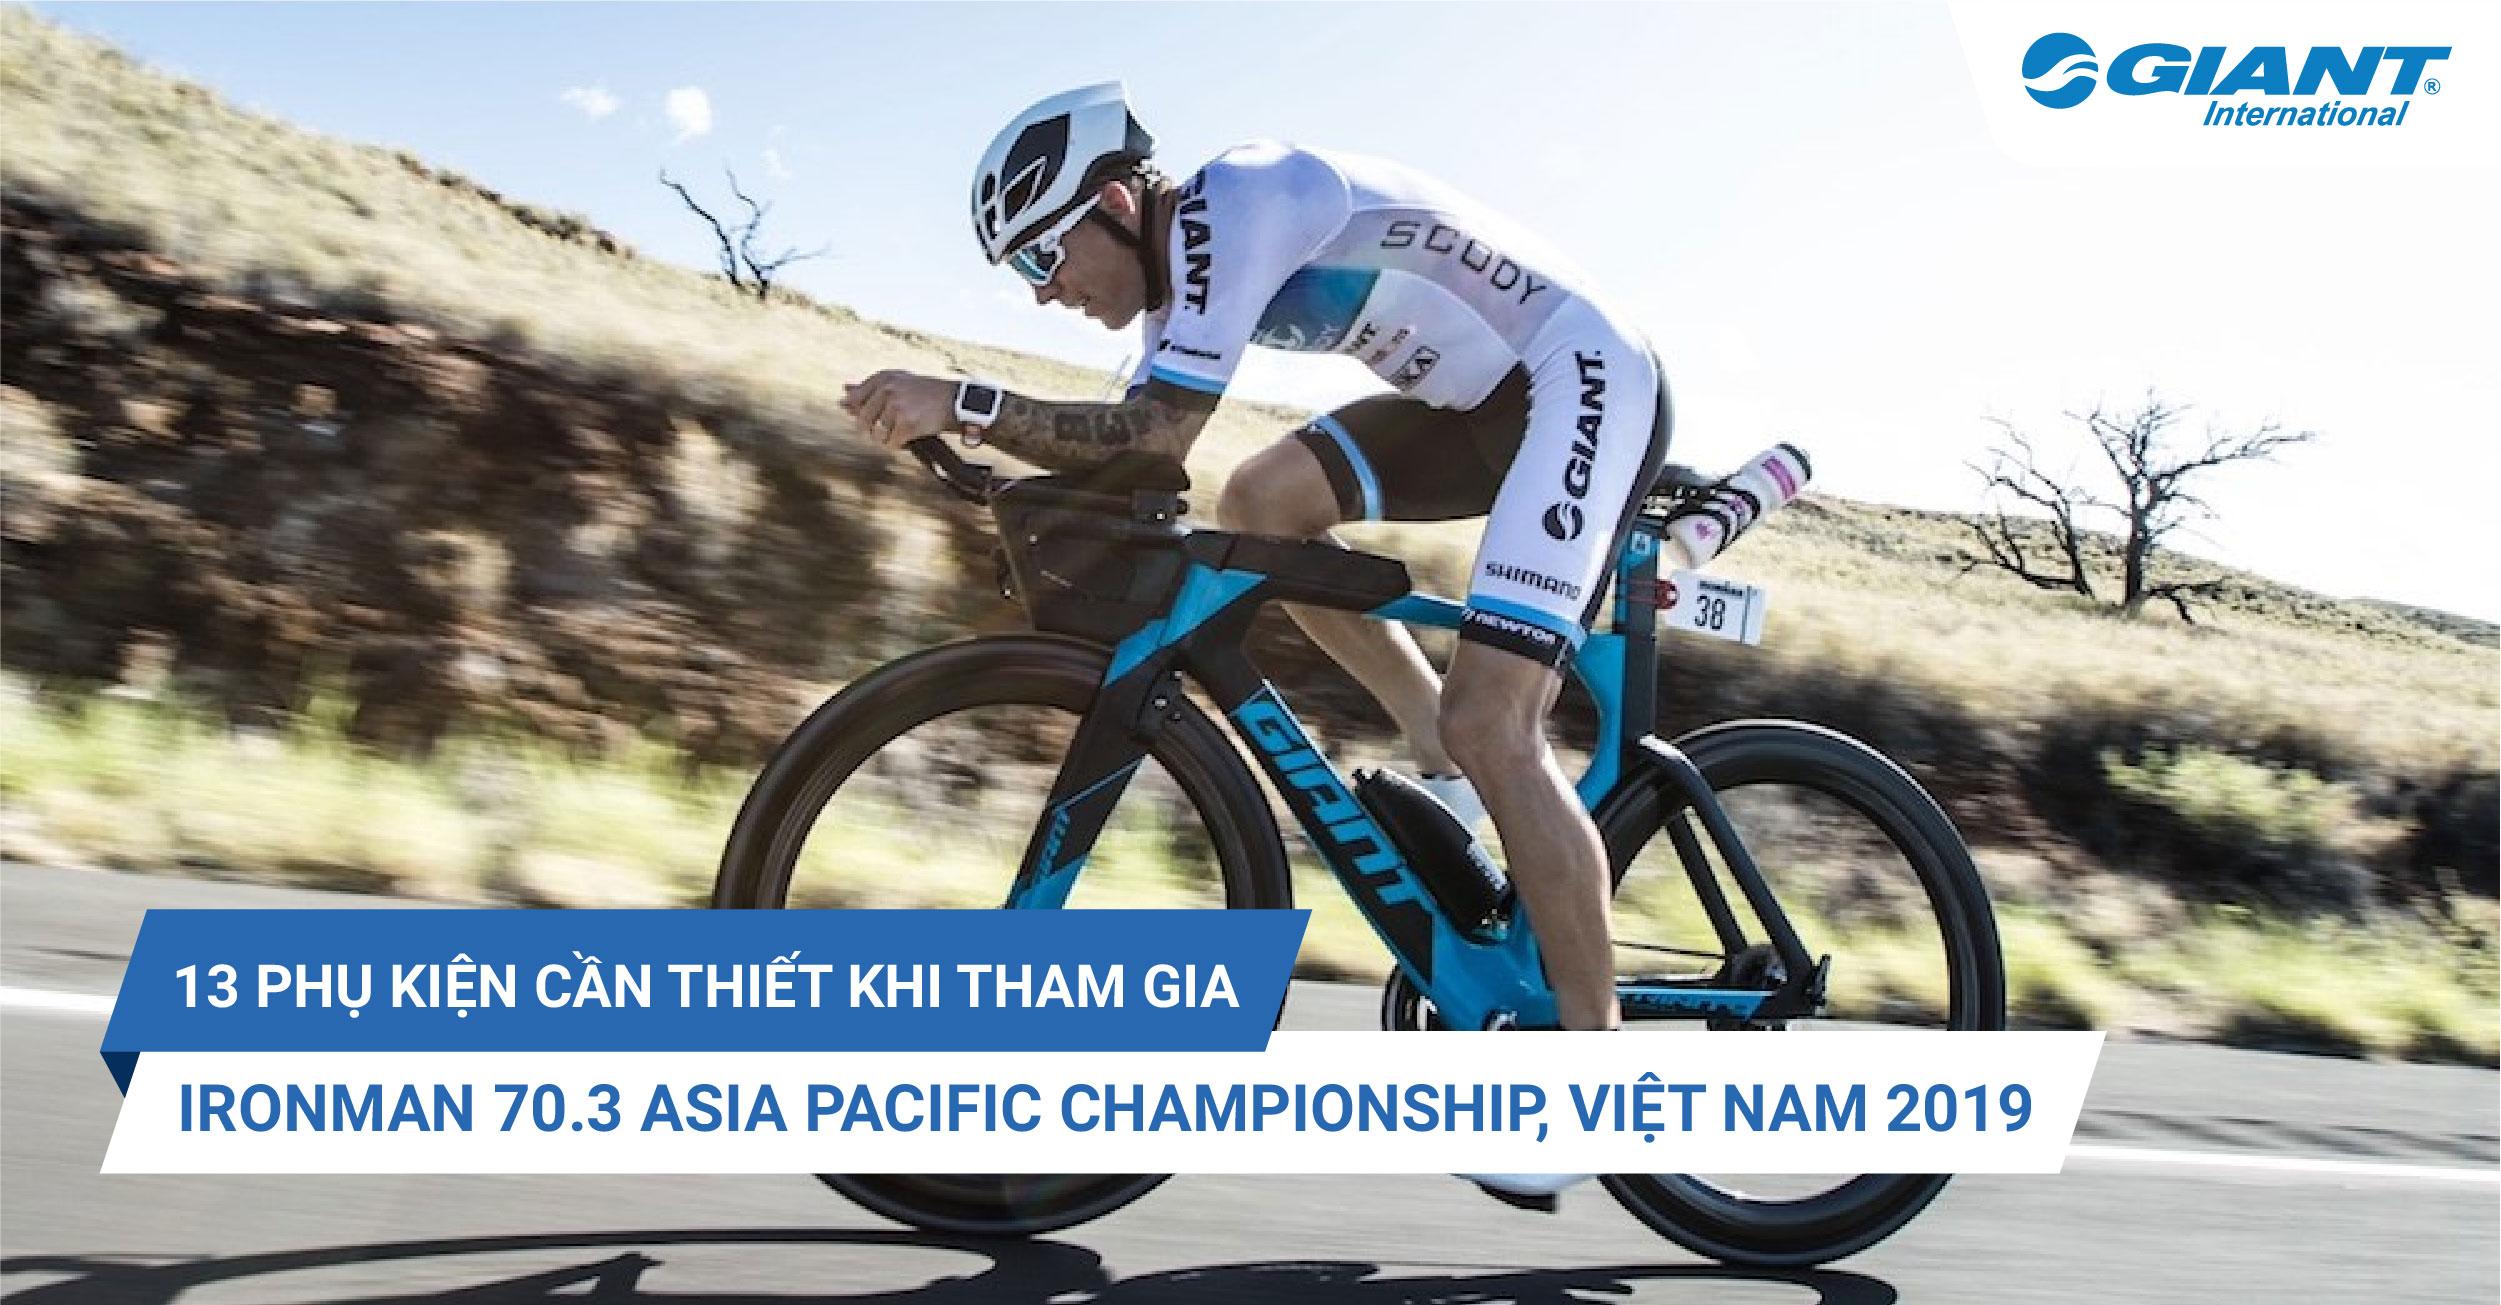 13 phụ kiện cần thiết khi tham gia IRONMAN 70.3 ASIA PACIFIC CHAMPIONSHIP, VIET NAM 2019